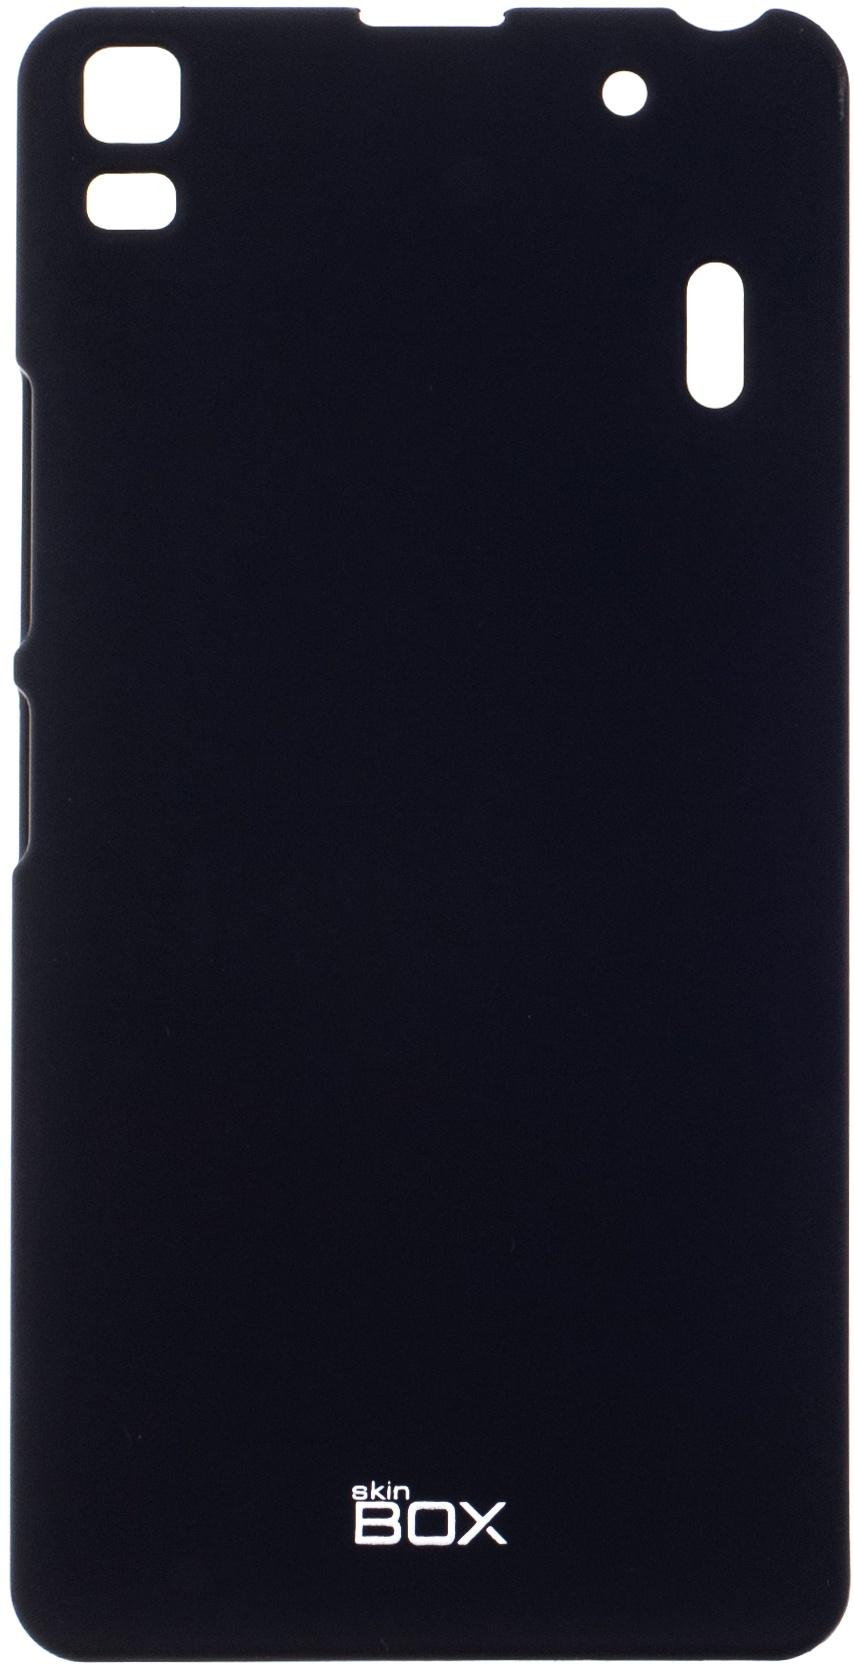 цена на Чехол для сотового телефона skinBOX 4People, 4630042527102, черный